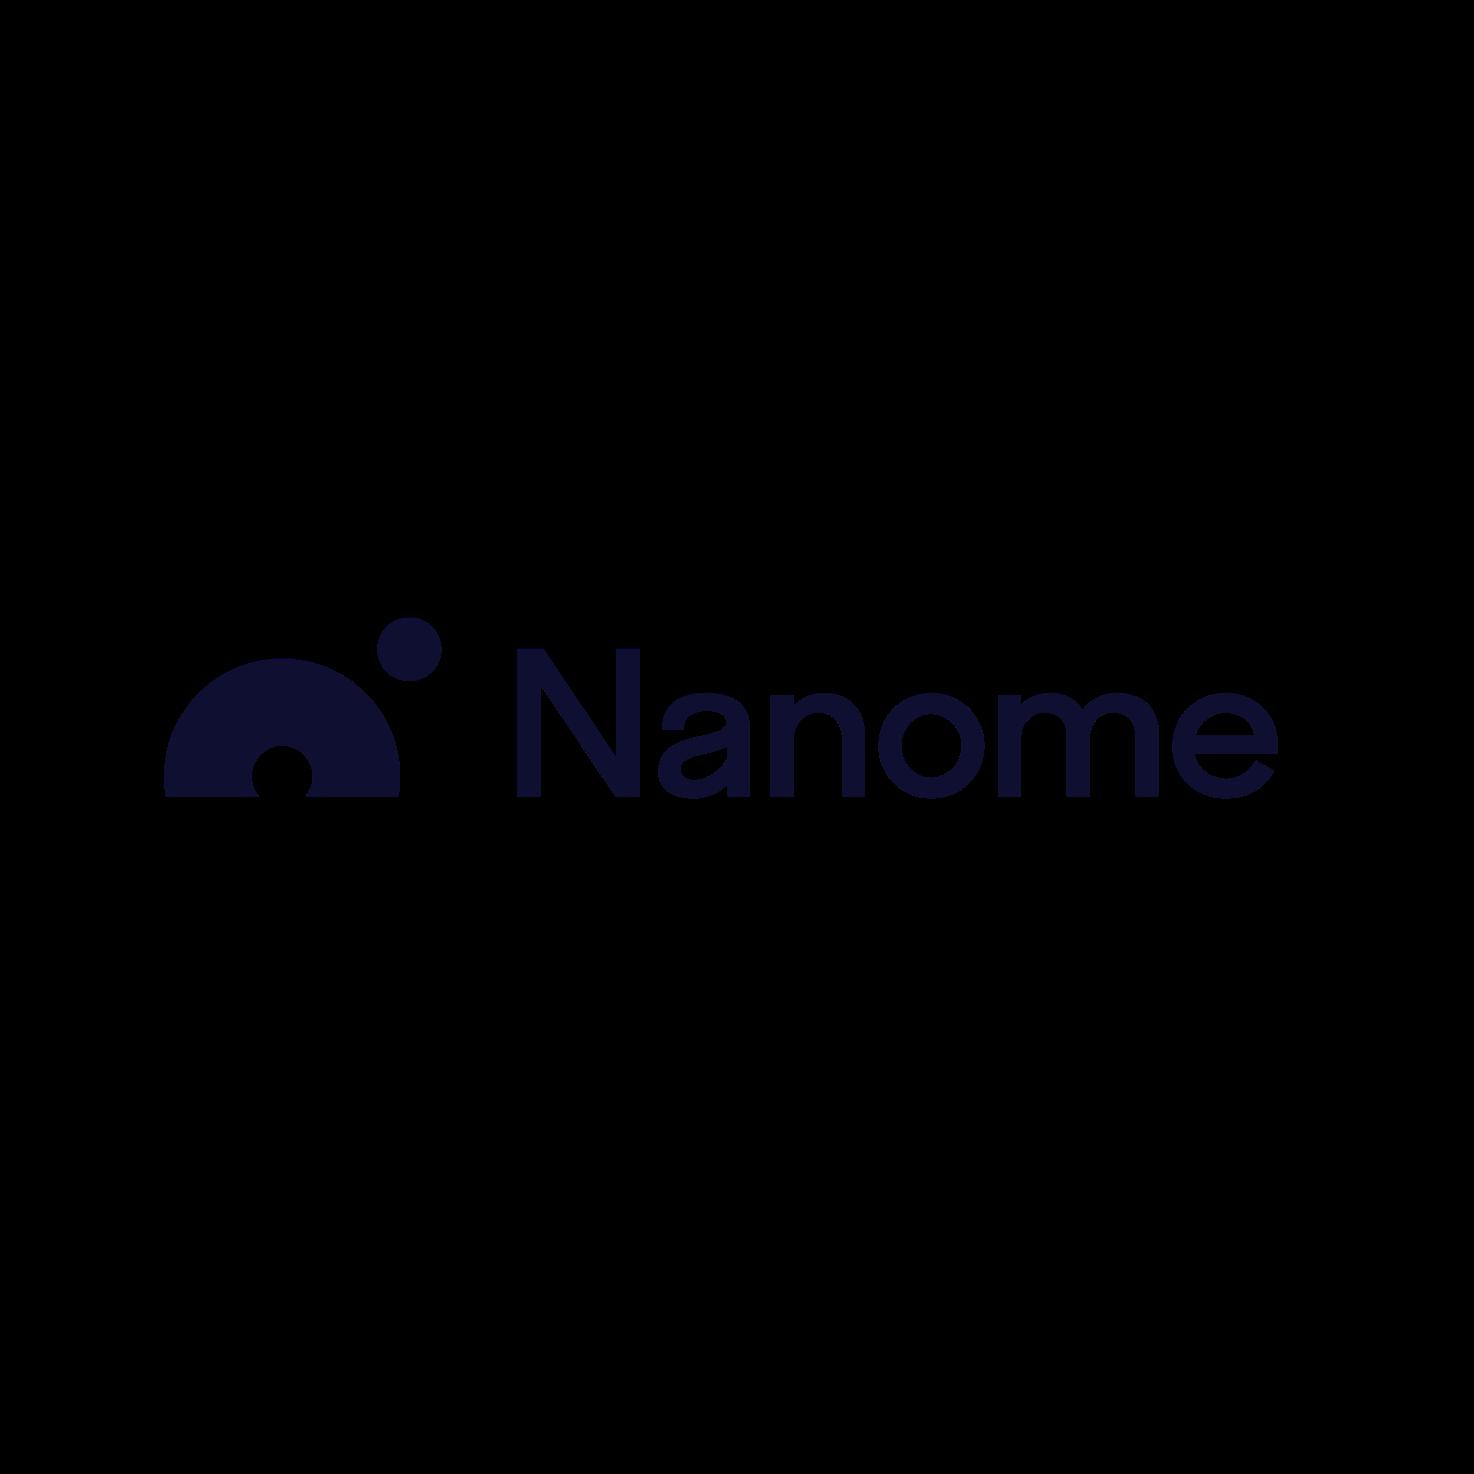 Nanome